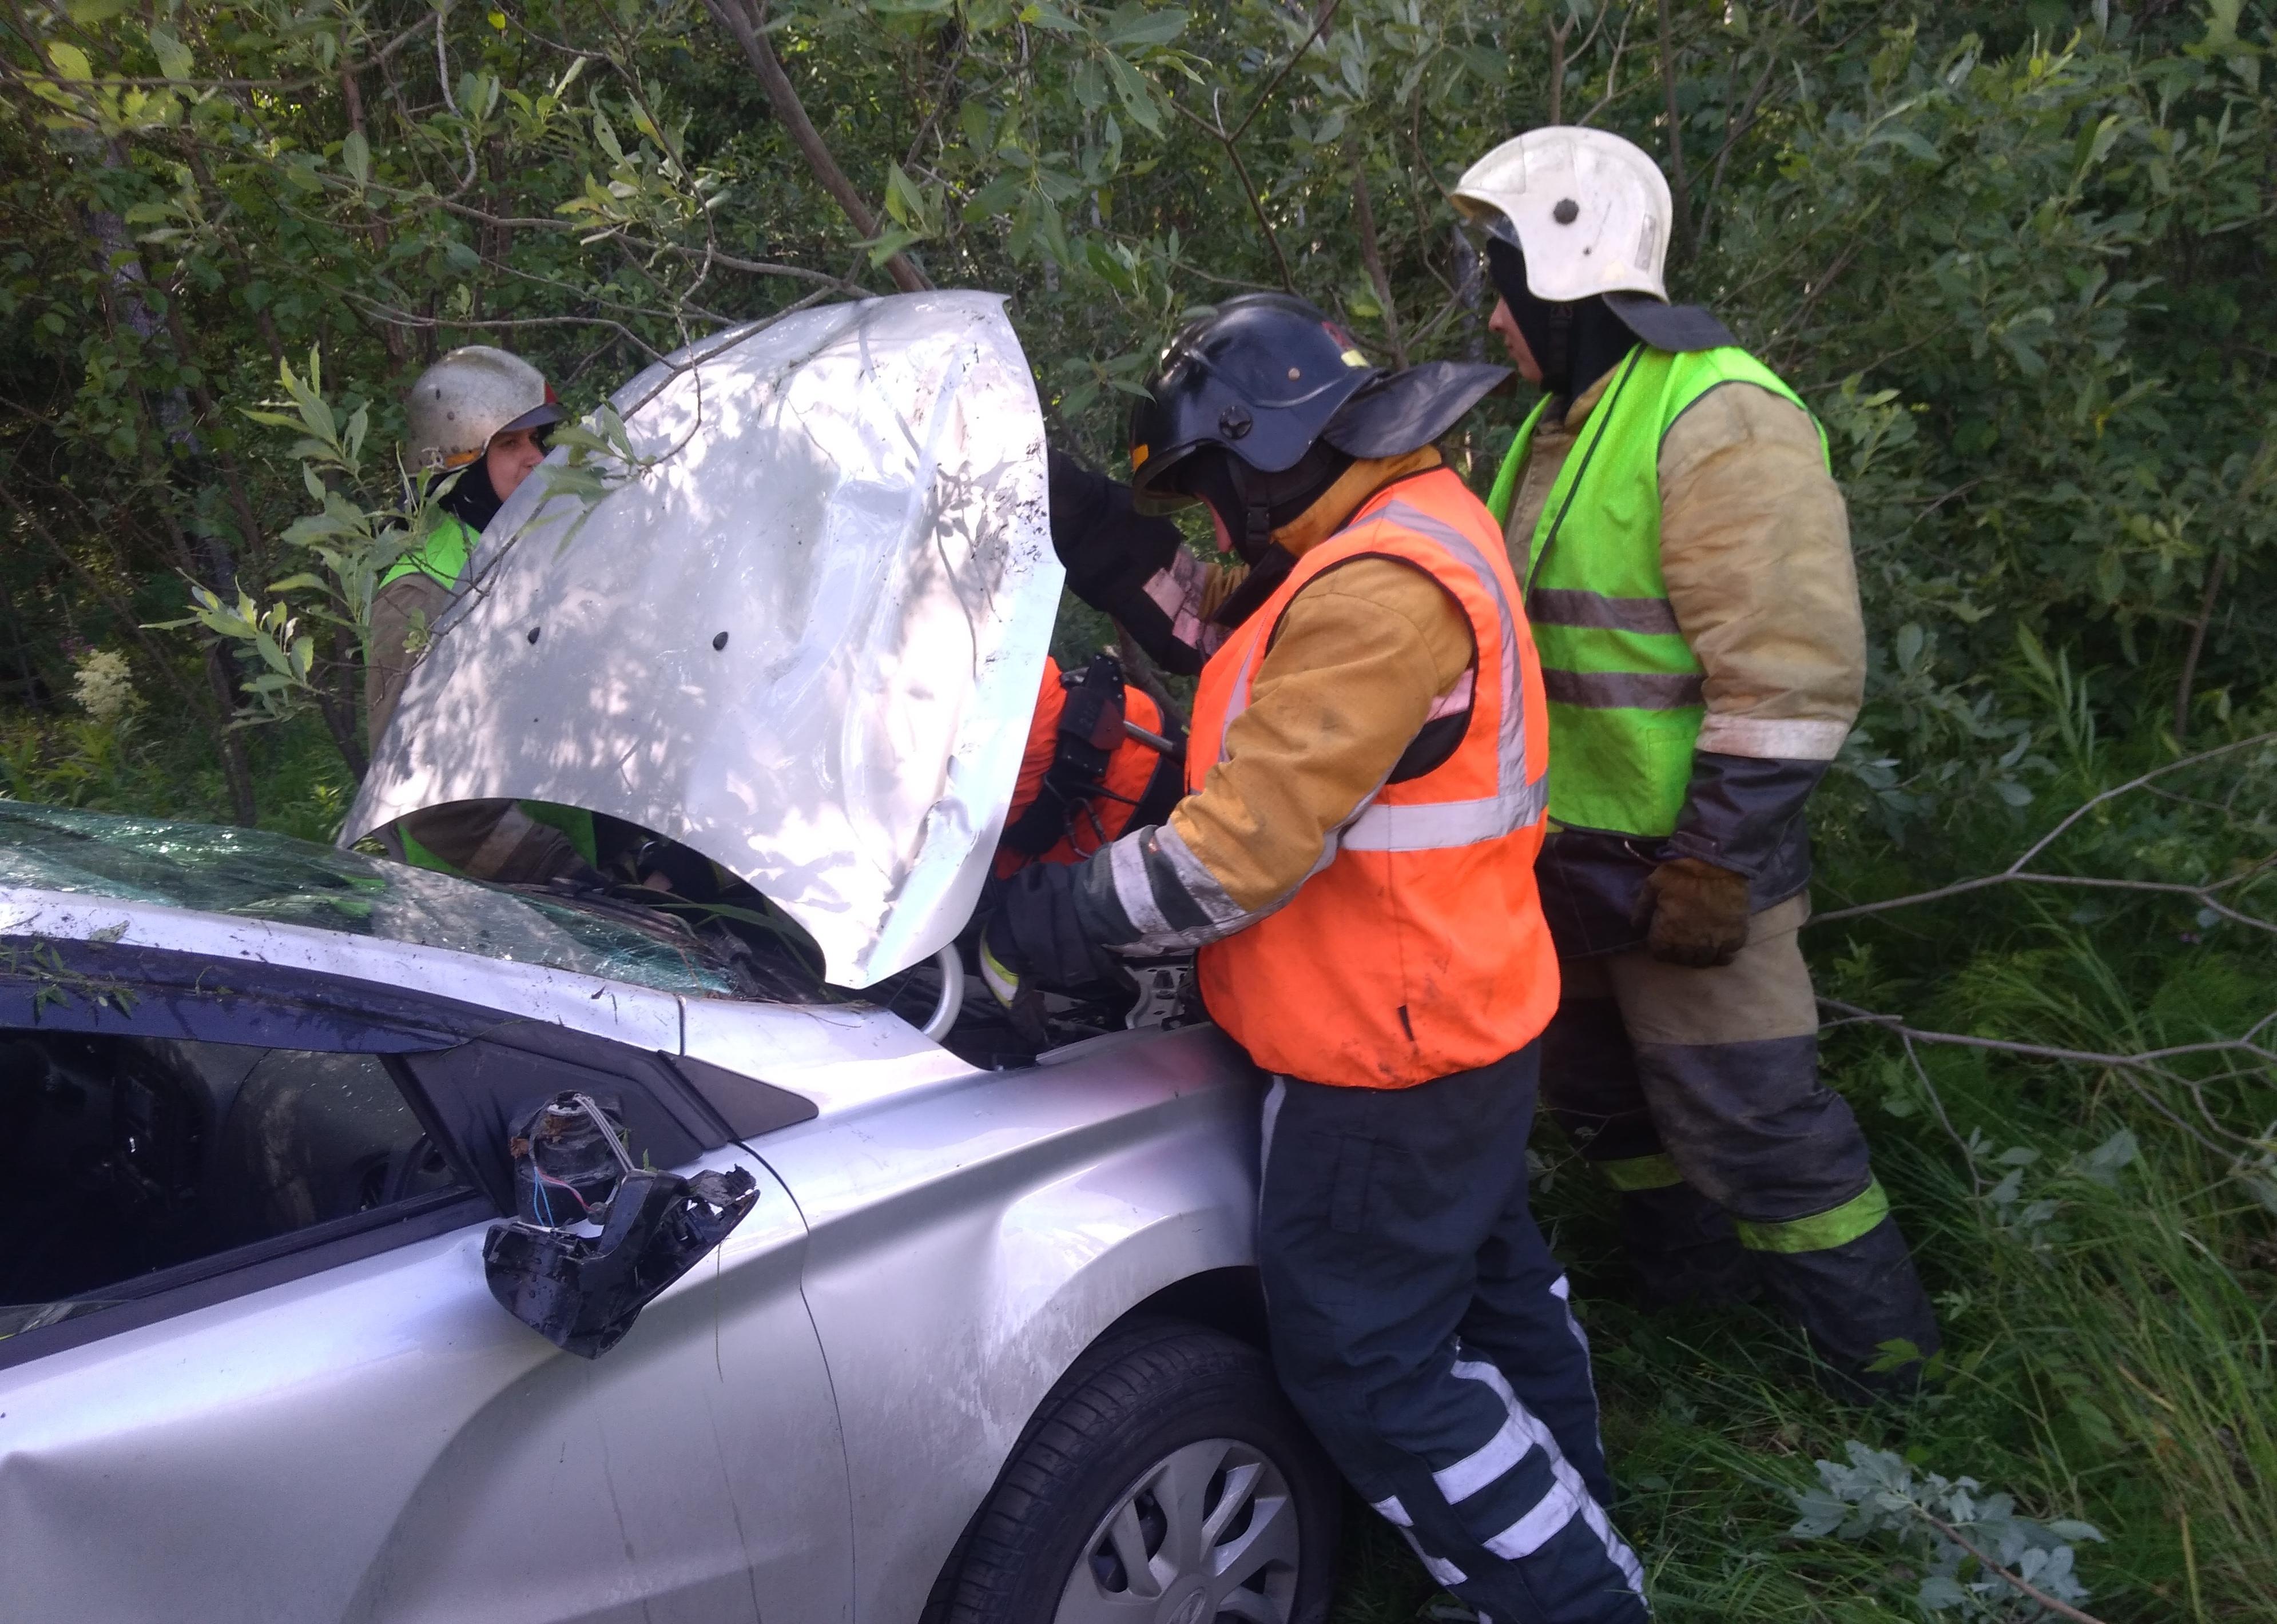 Пожарно-спасательные подразделения привлекались для ликвидации ДТП в Питкярантском районе.